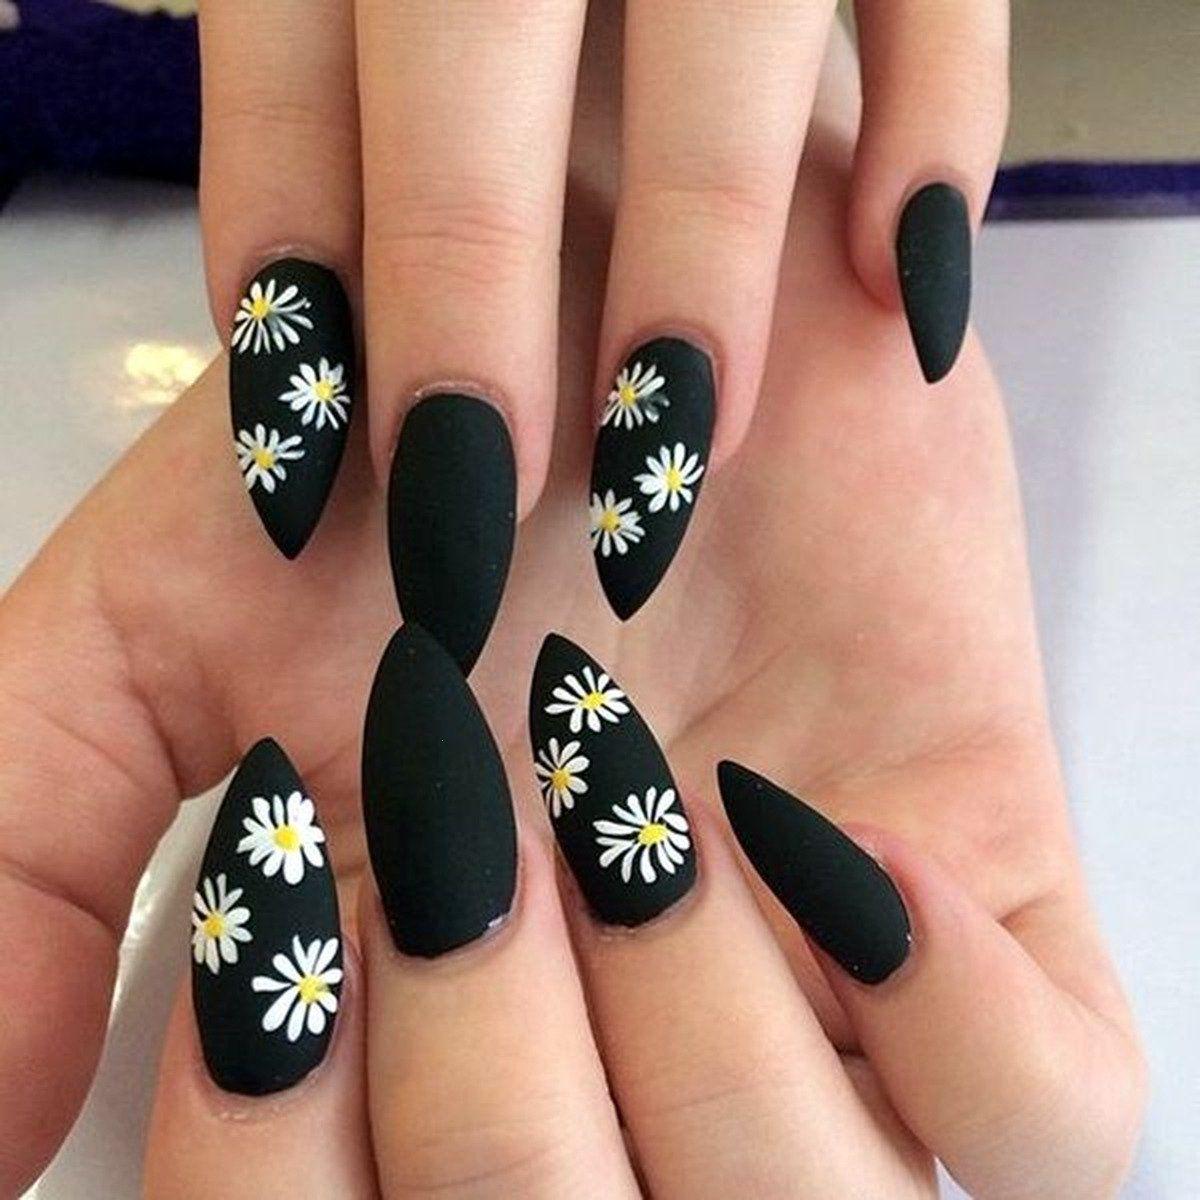 15 Diseños de uñas florales que te harán sentir como la reina de la primavera